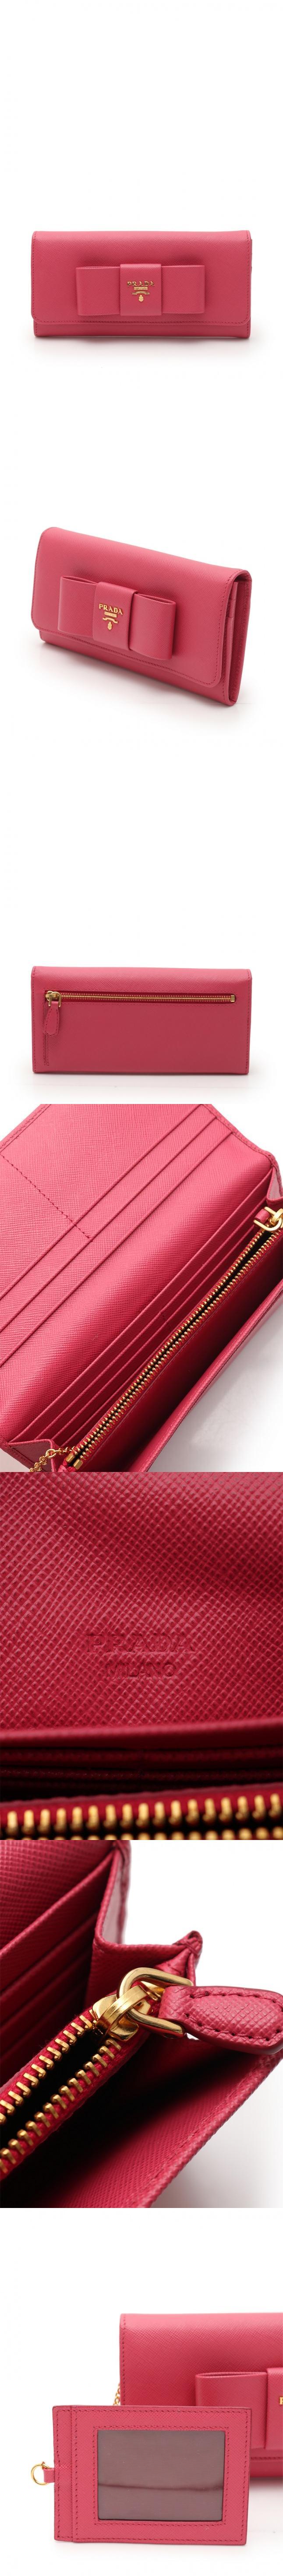 二つ折り長財布 ピンク 小物 レザー 1M1132 リボン パスケース付き SAFFIANO FIOCCO